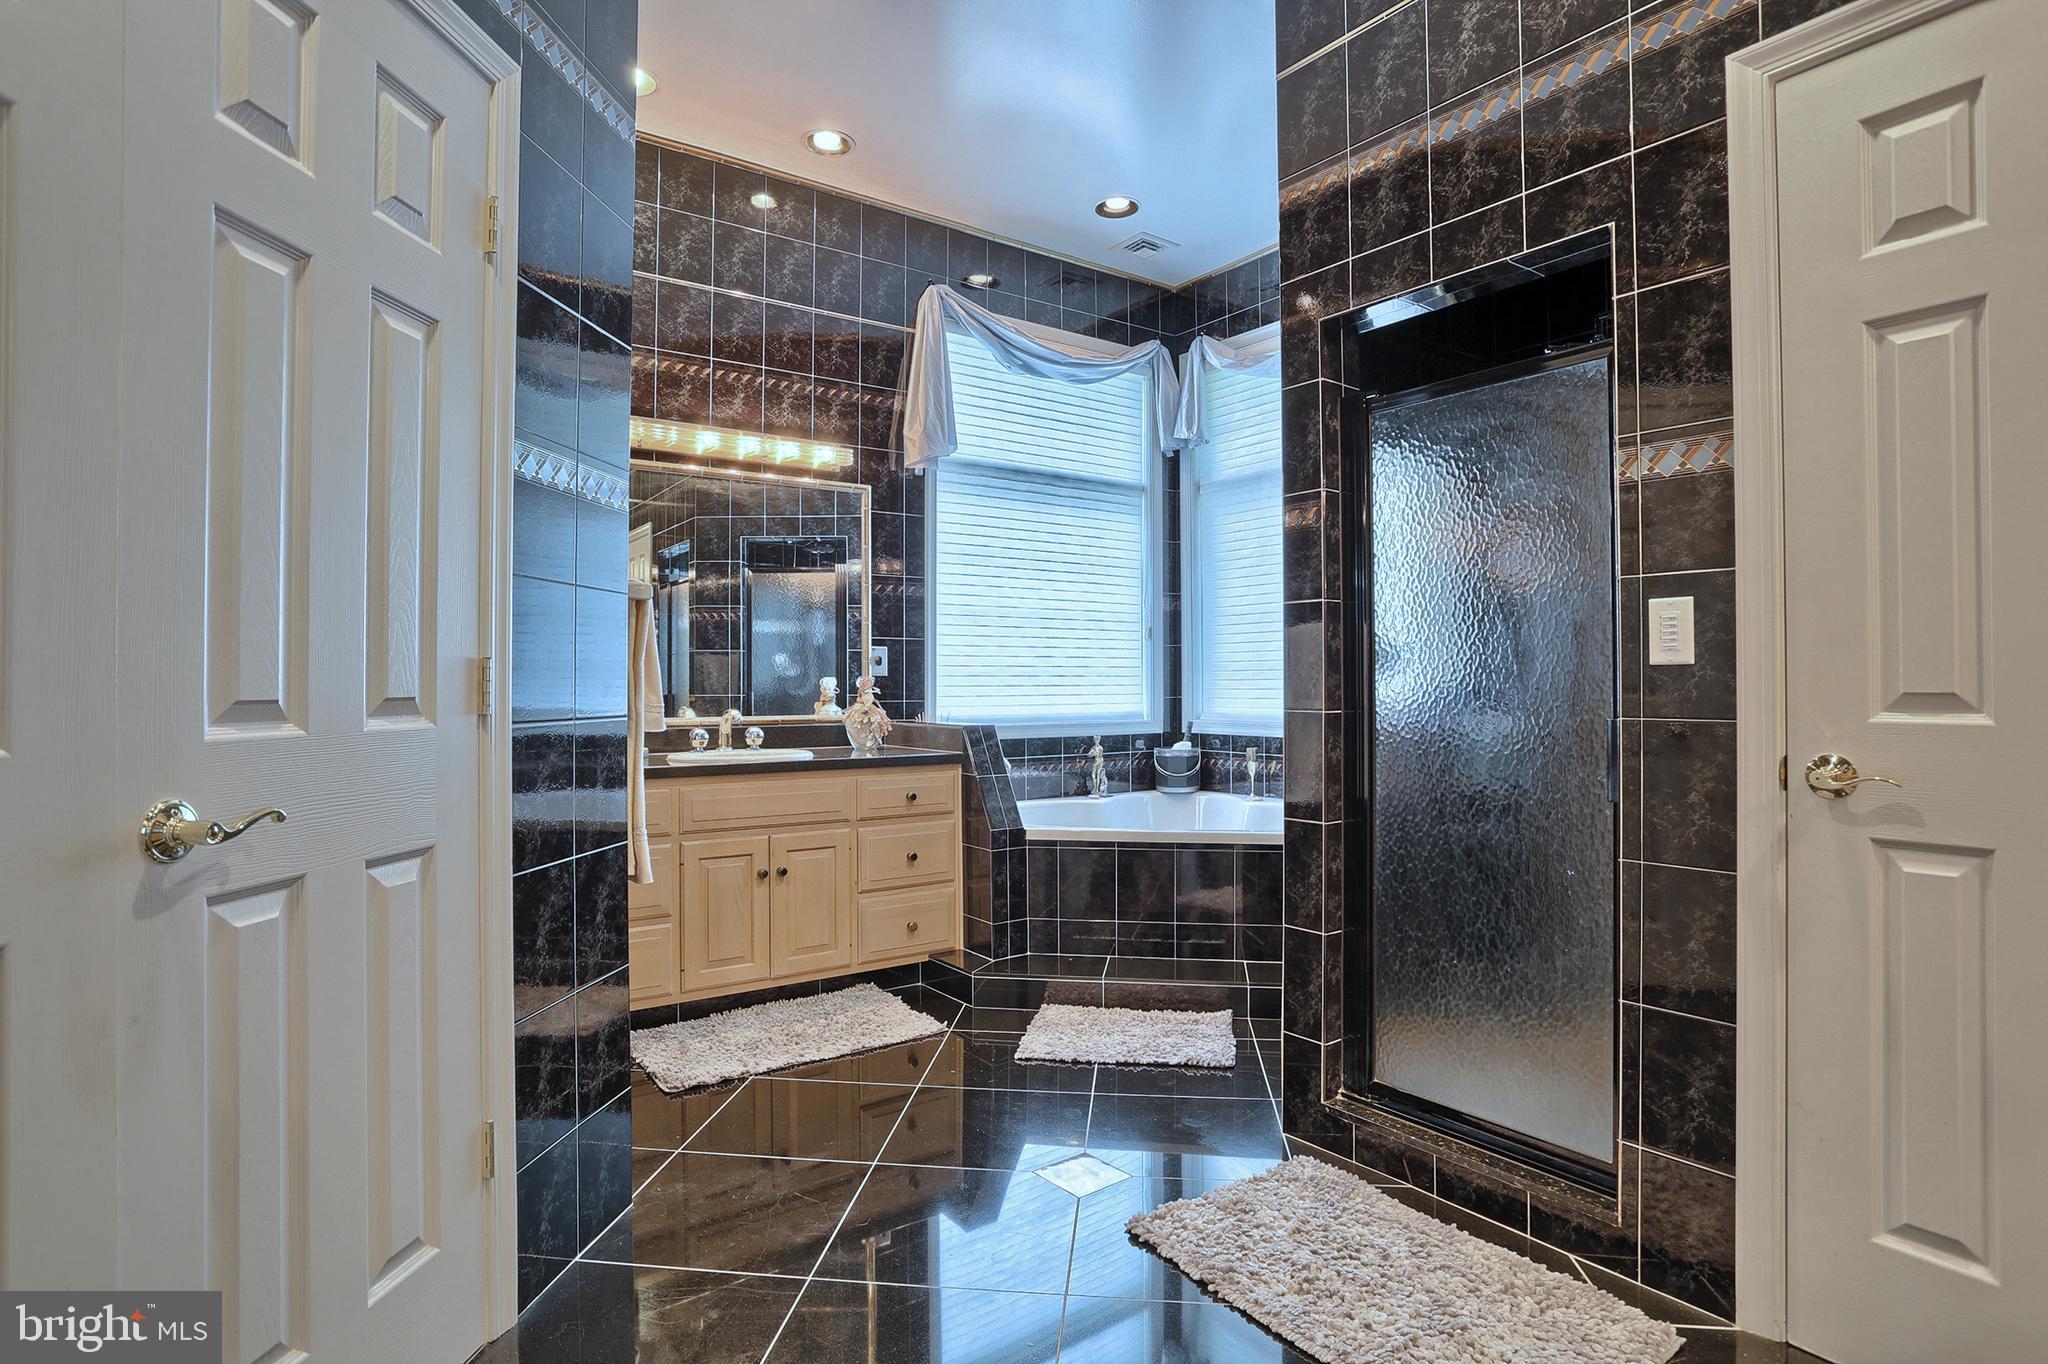 14' x 15' owner suite bath w/ jacuzzi tub